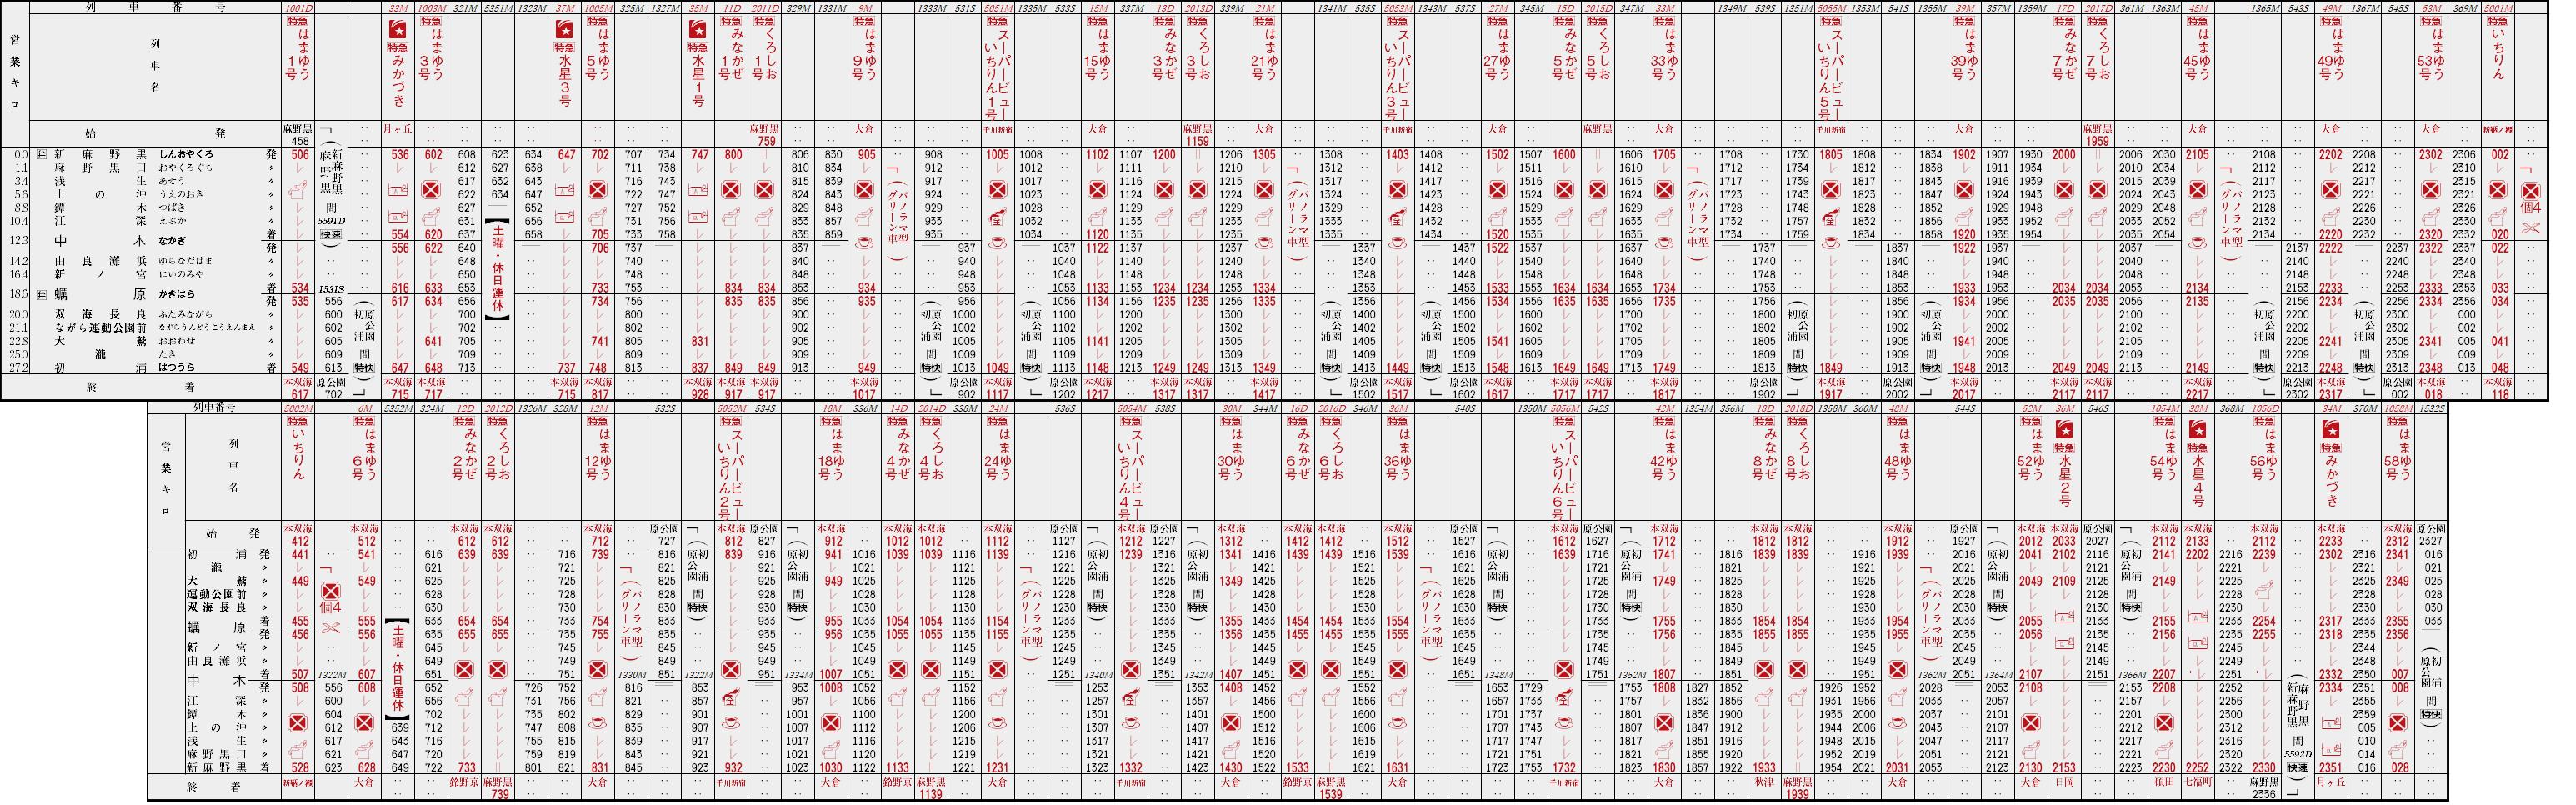 Shijima timetable 2020-12-09R.png